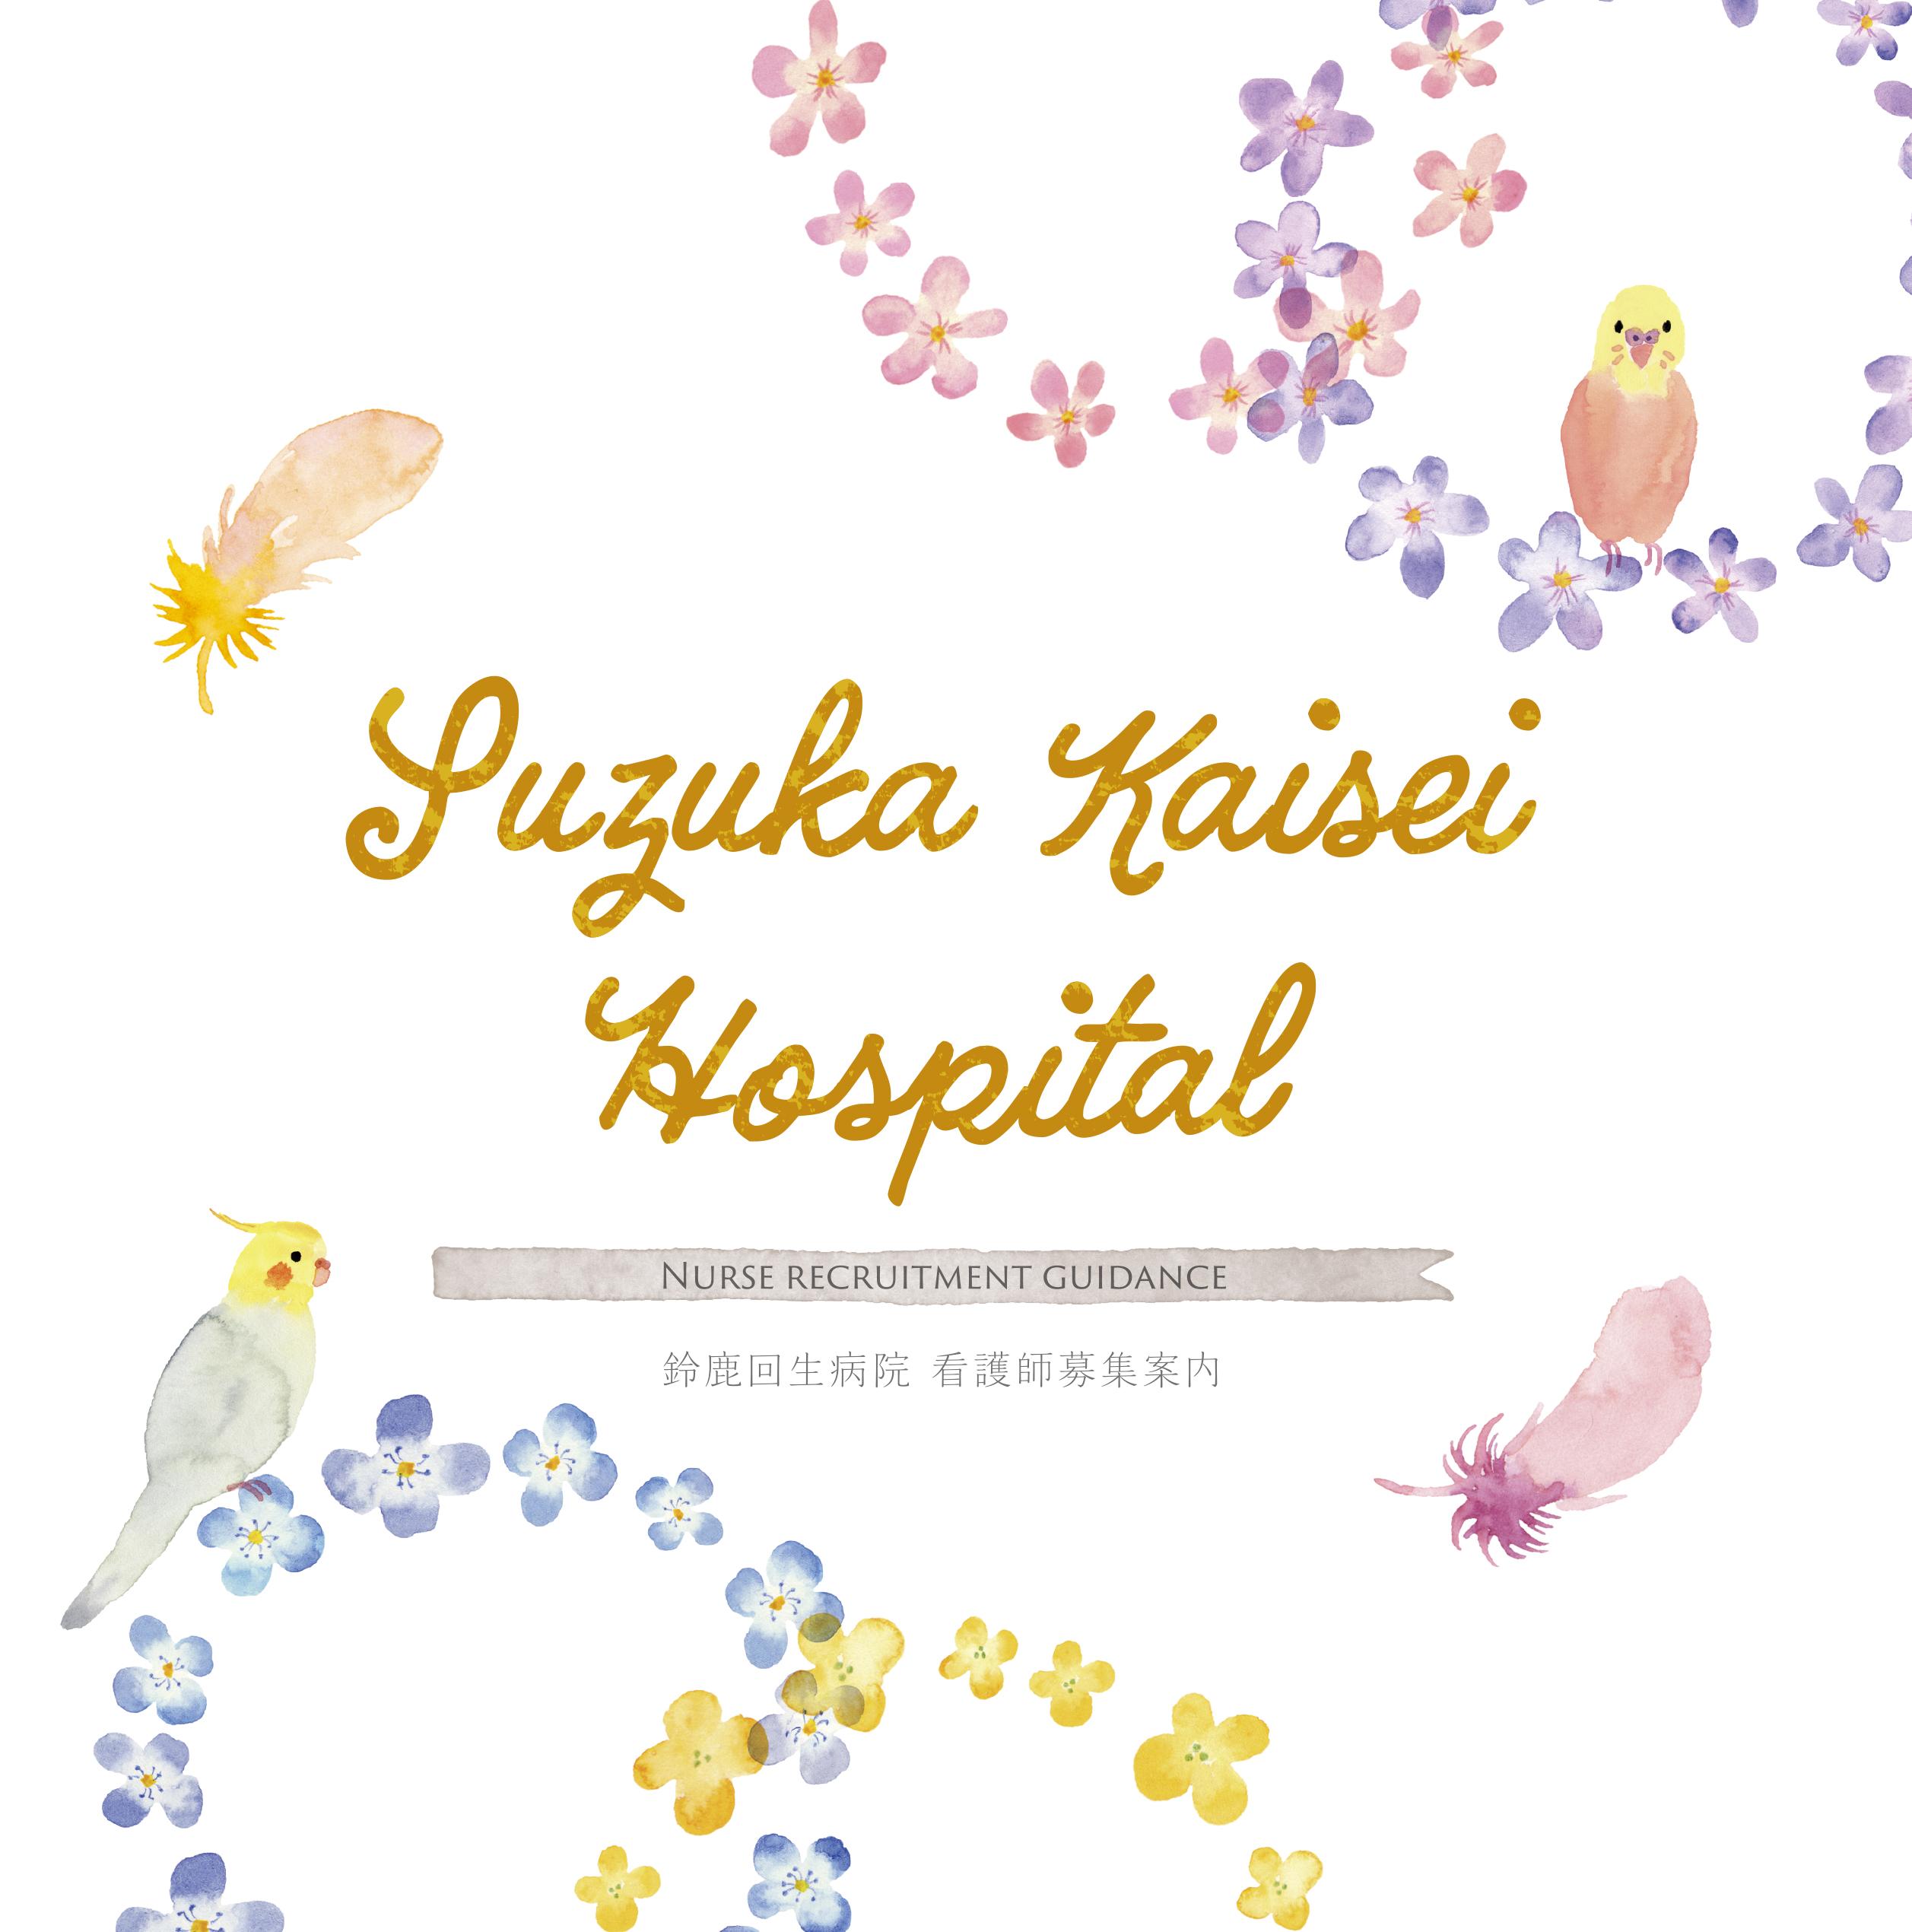 2019年9月作成「鈴鹿回生病院」看護部パンフレット